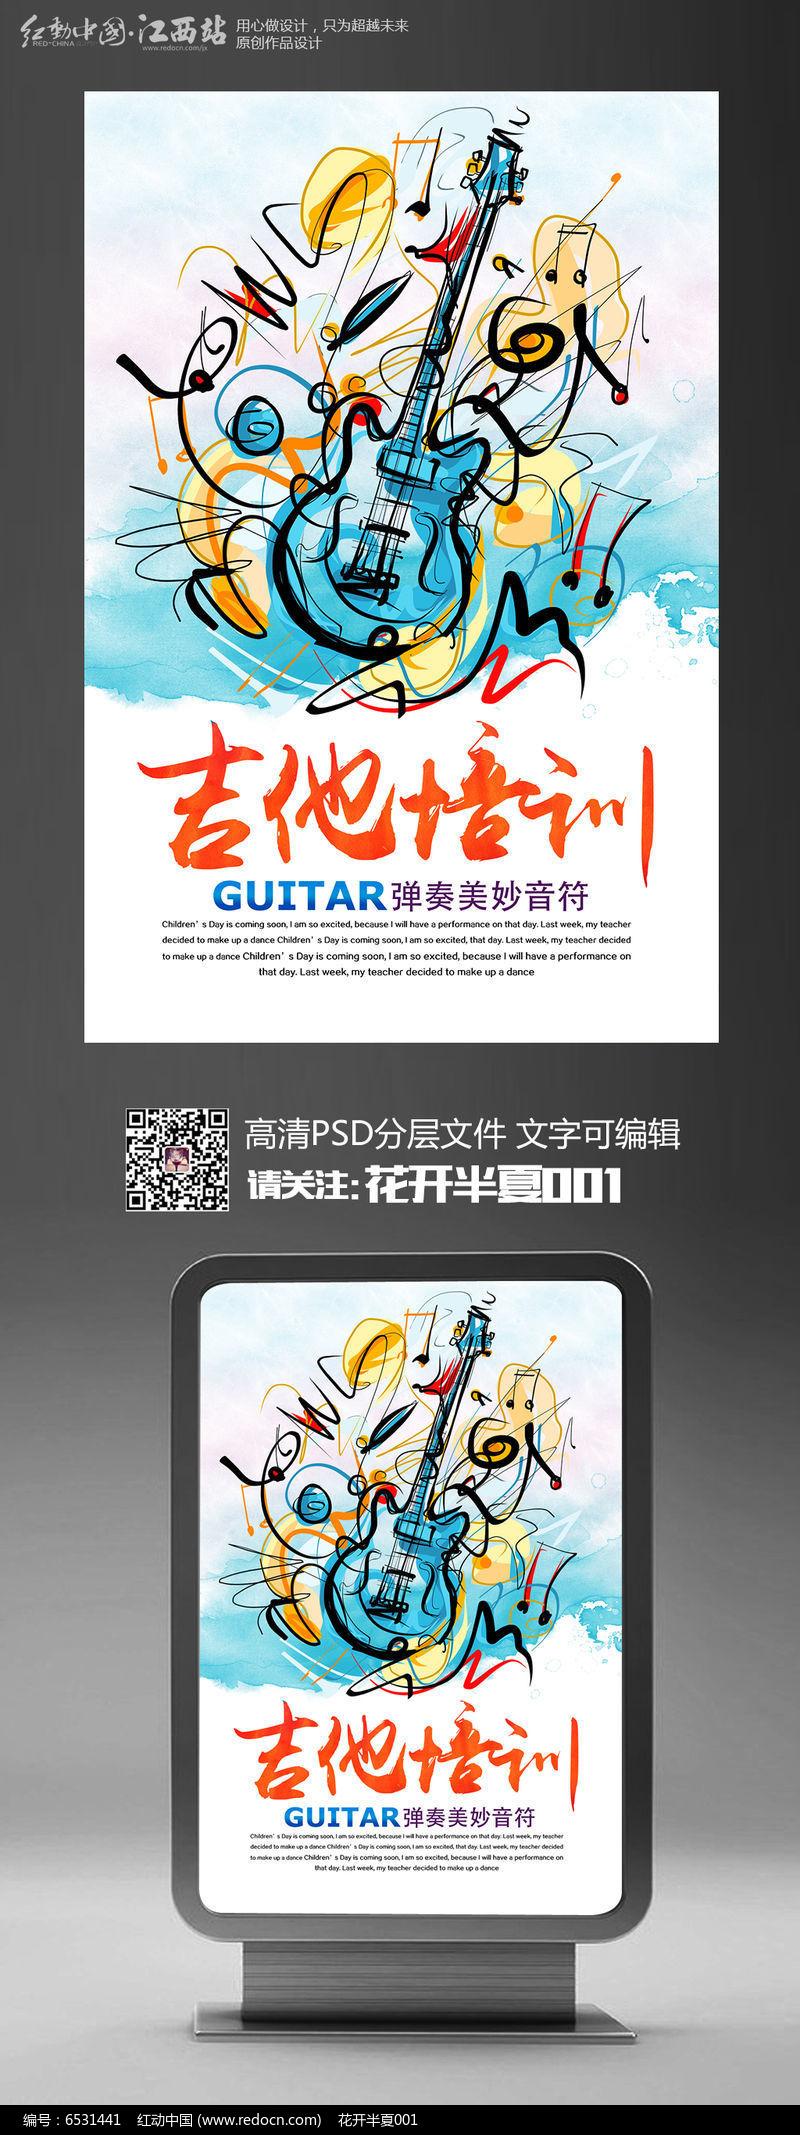 吉他培训班招生海报_涂鸦创意吉他乐器培训班招生海报设计_红动网